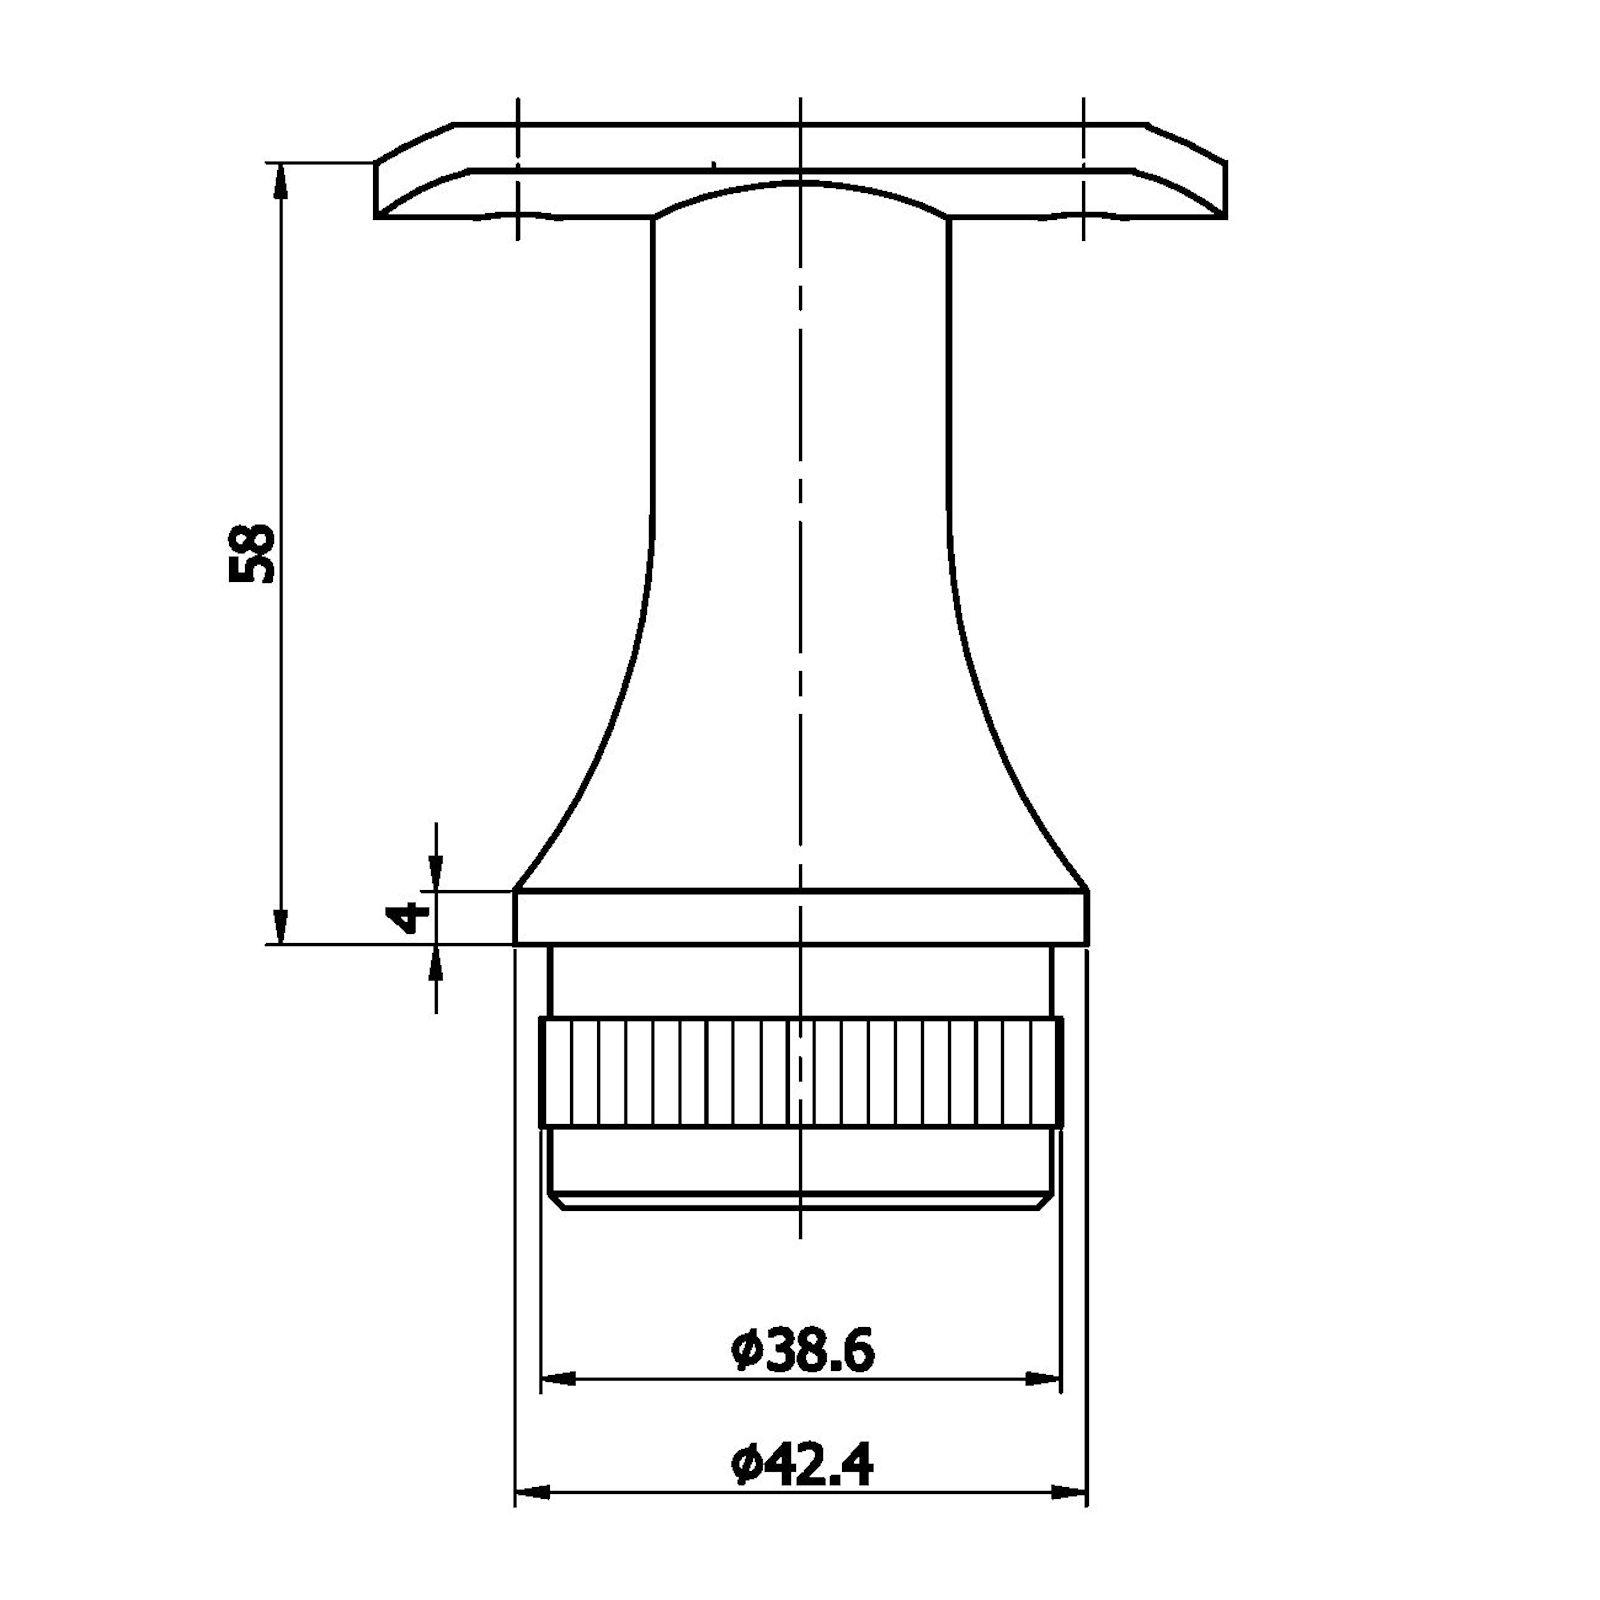 Edelstahl Handlaufstütze konisch für Rundpfosten 42,4 mm Handlaufhalter 2er Set